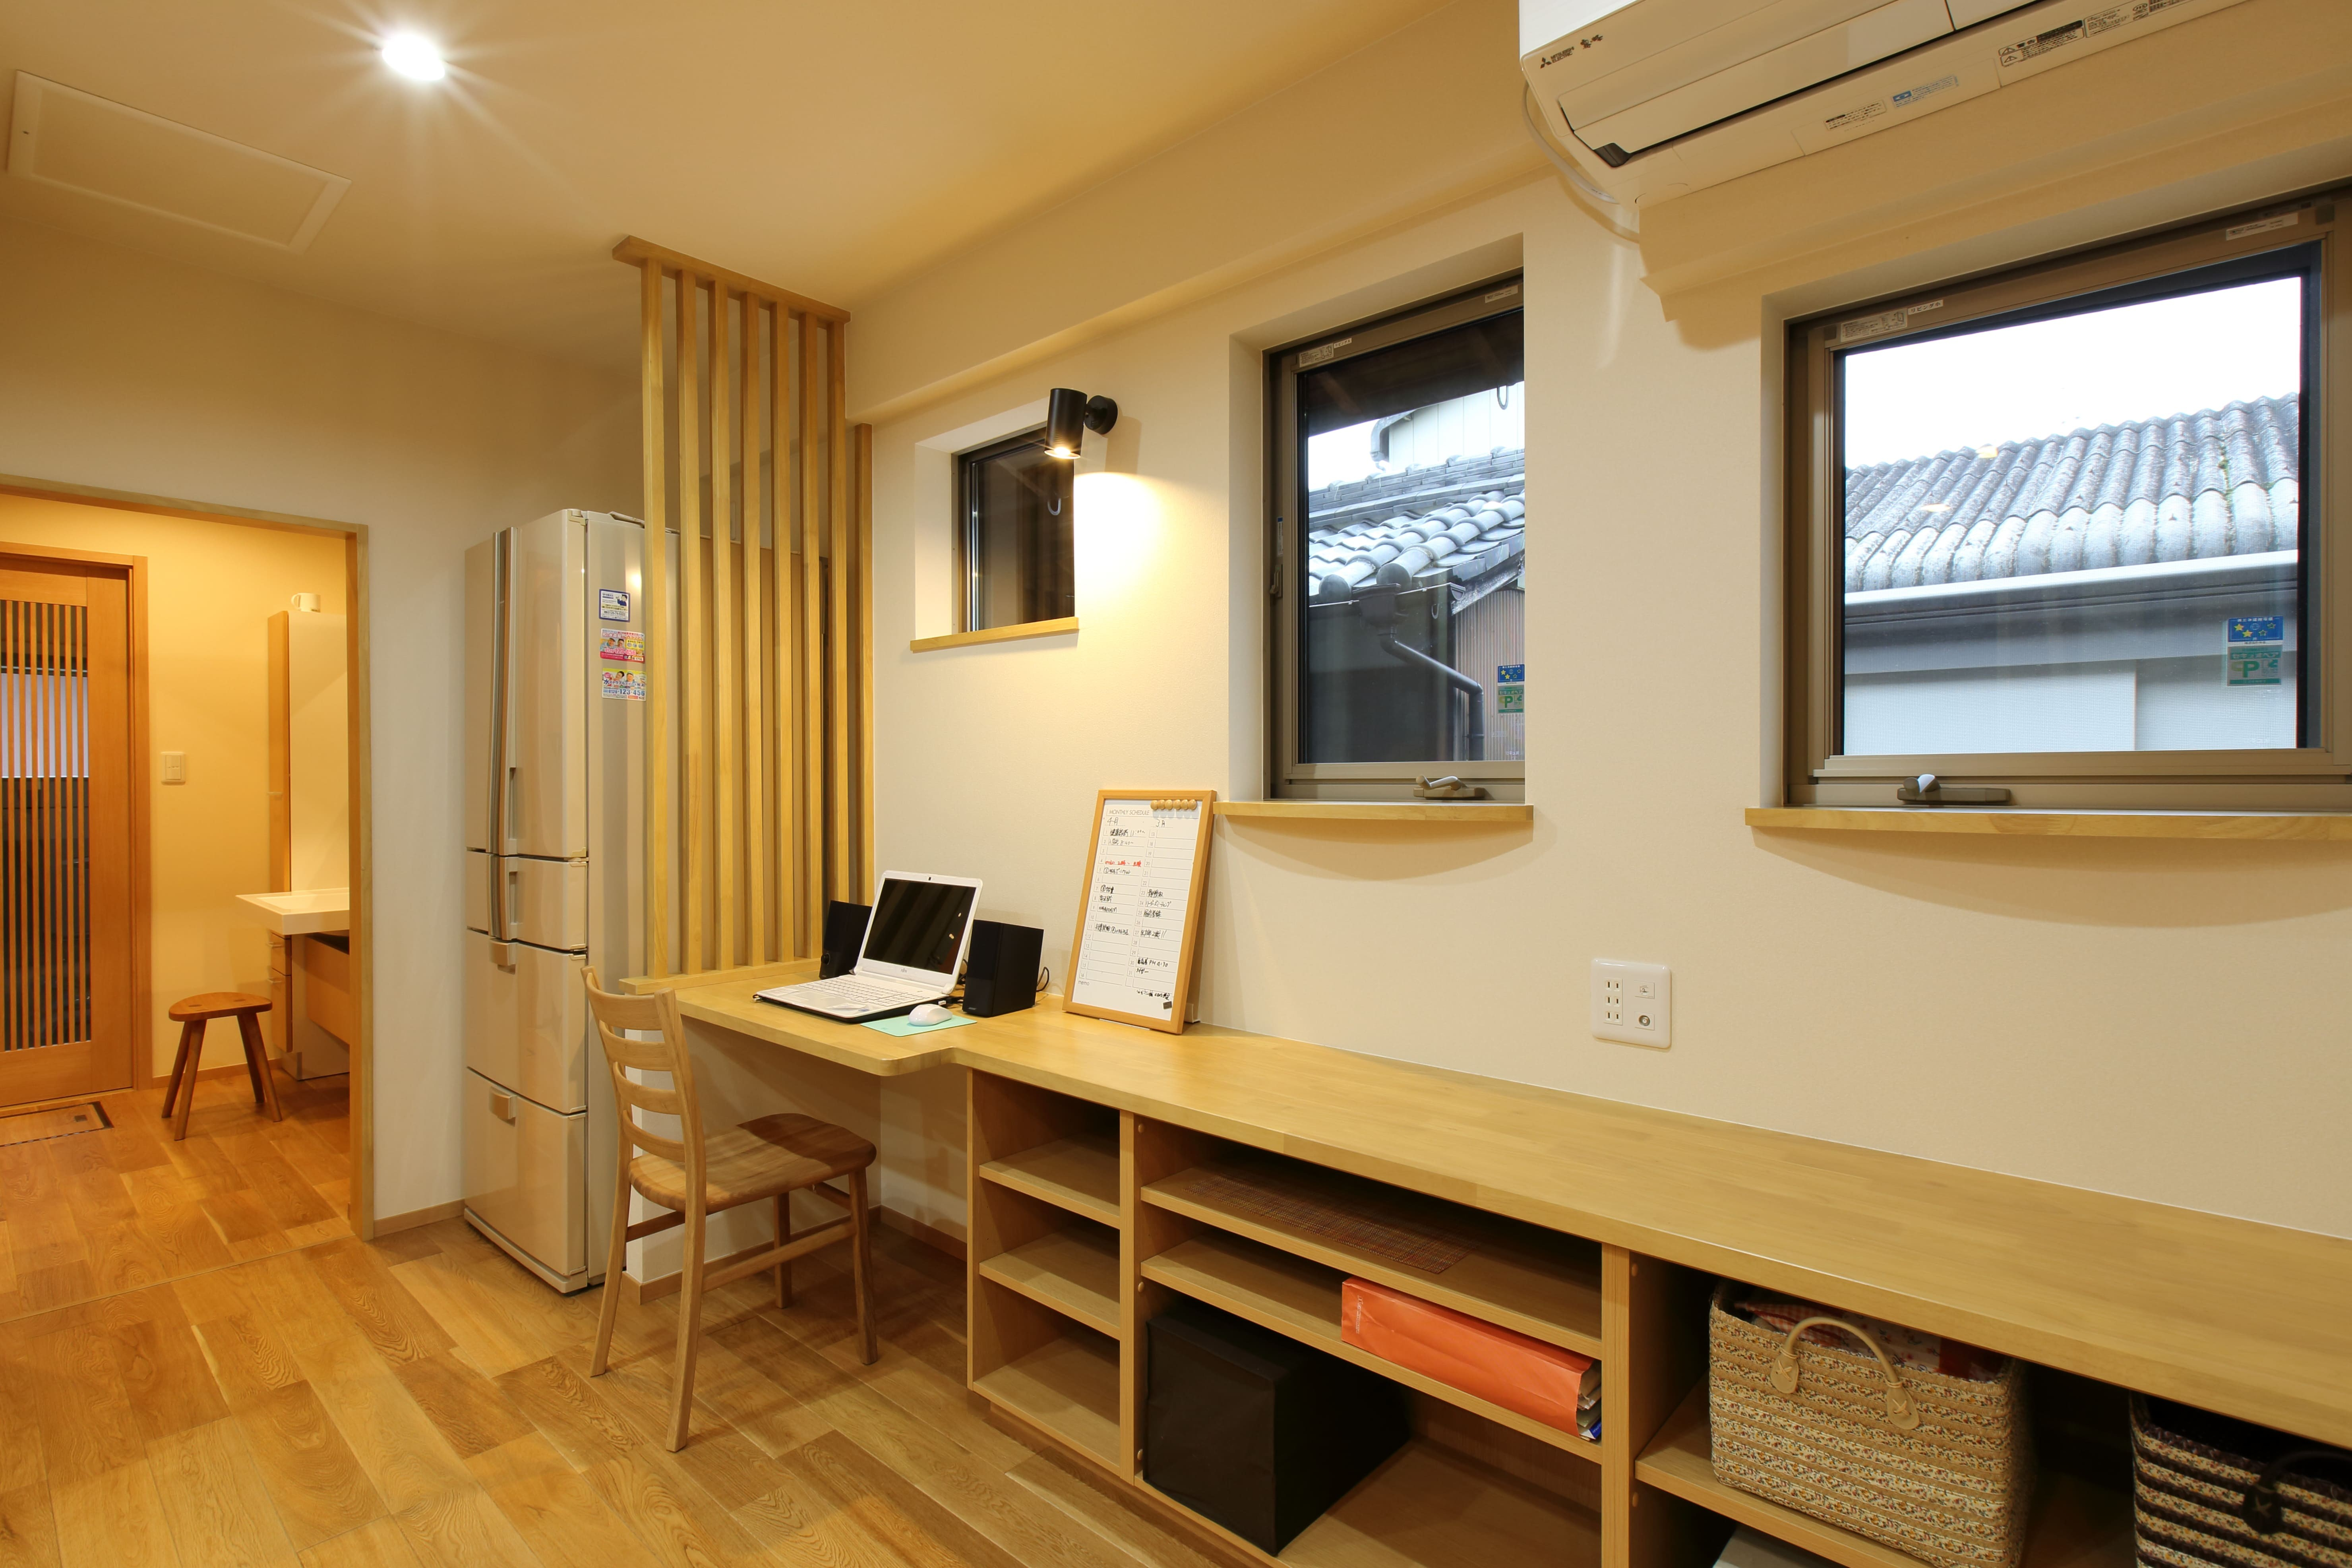 キッチン事例:キッチン横を書斎スペースとして活用(将来の夫婦二人の生活を見据えて、1階部分だけで暮らせる住まいにリフォーム。)